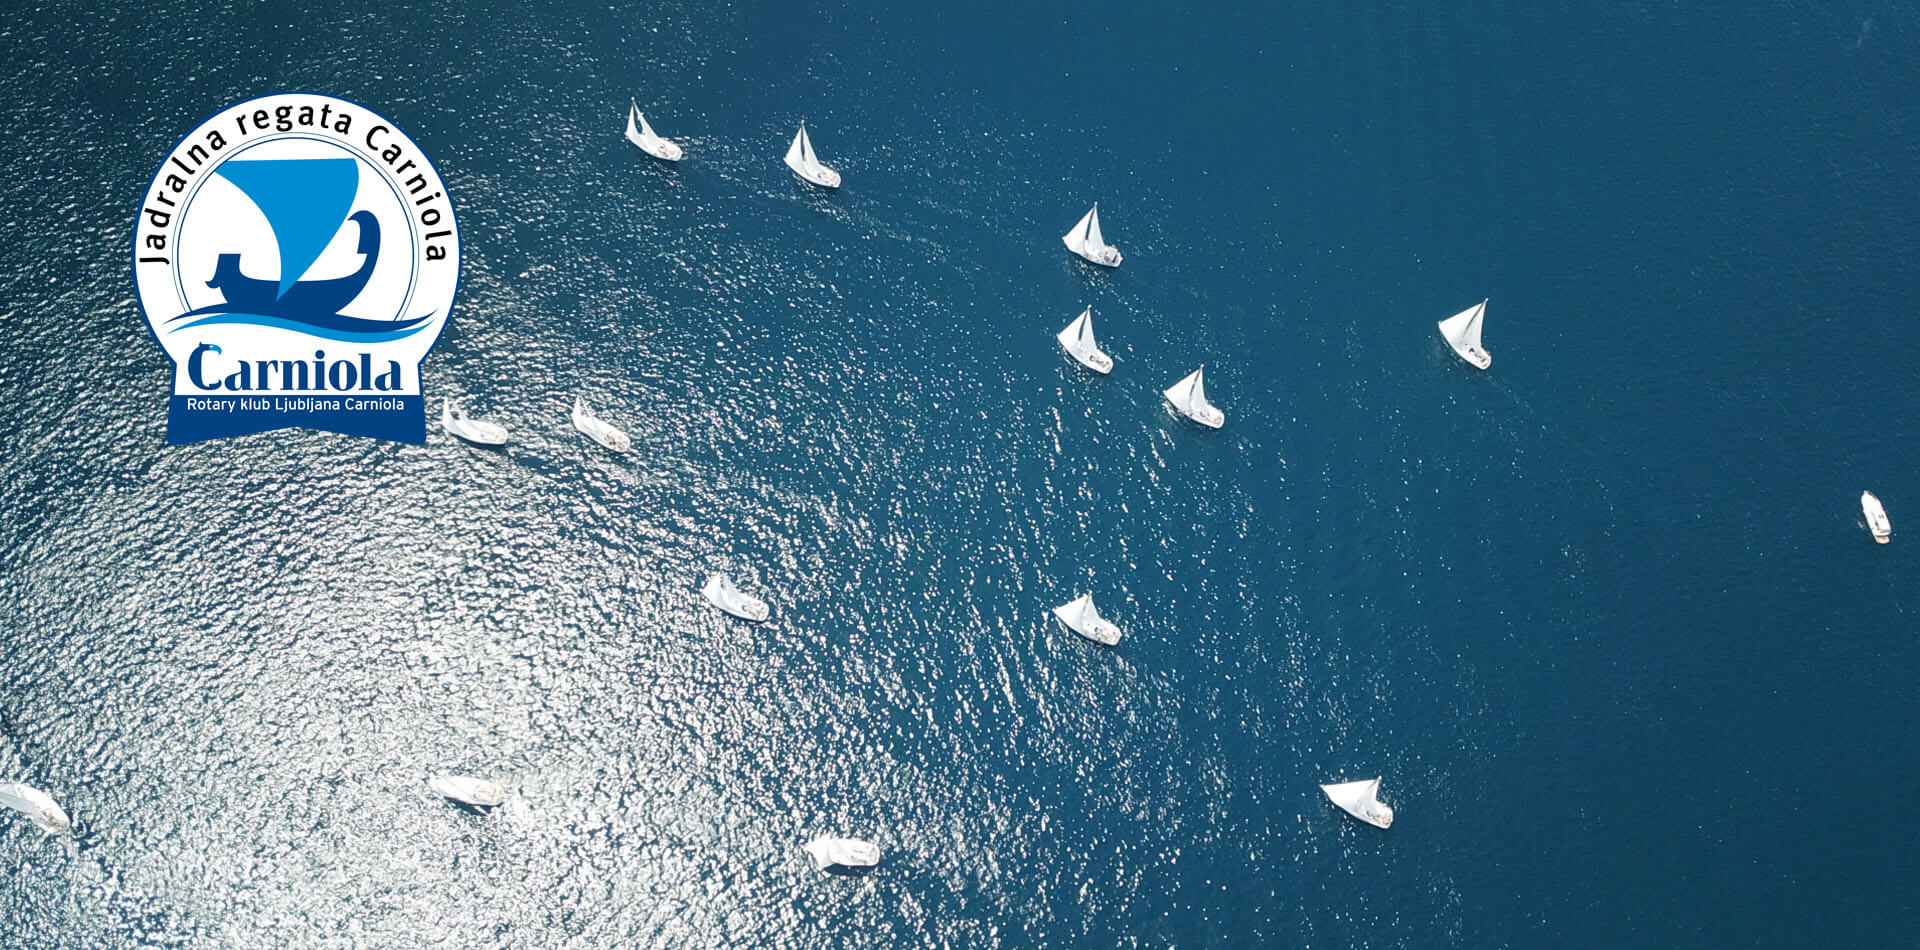 carniola regata slika 2